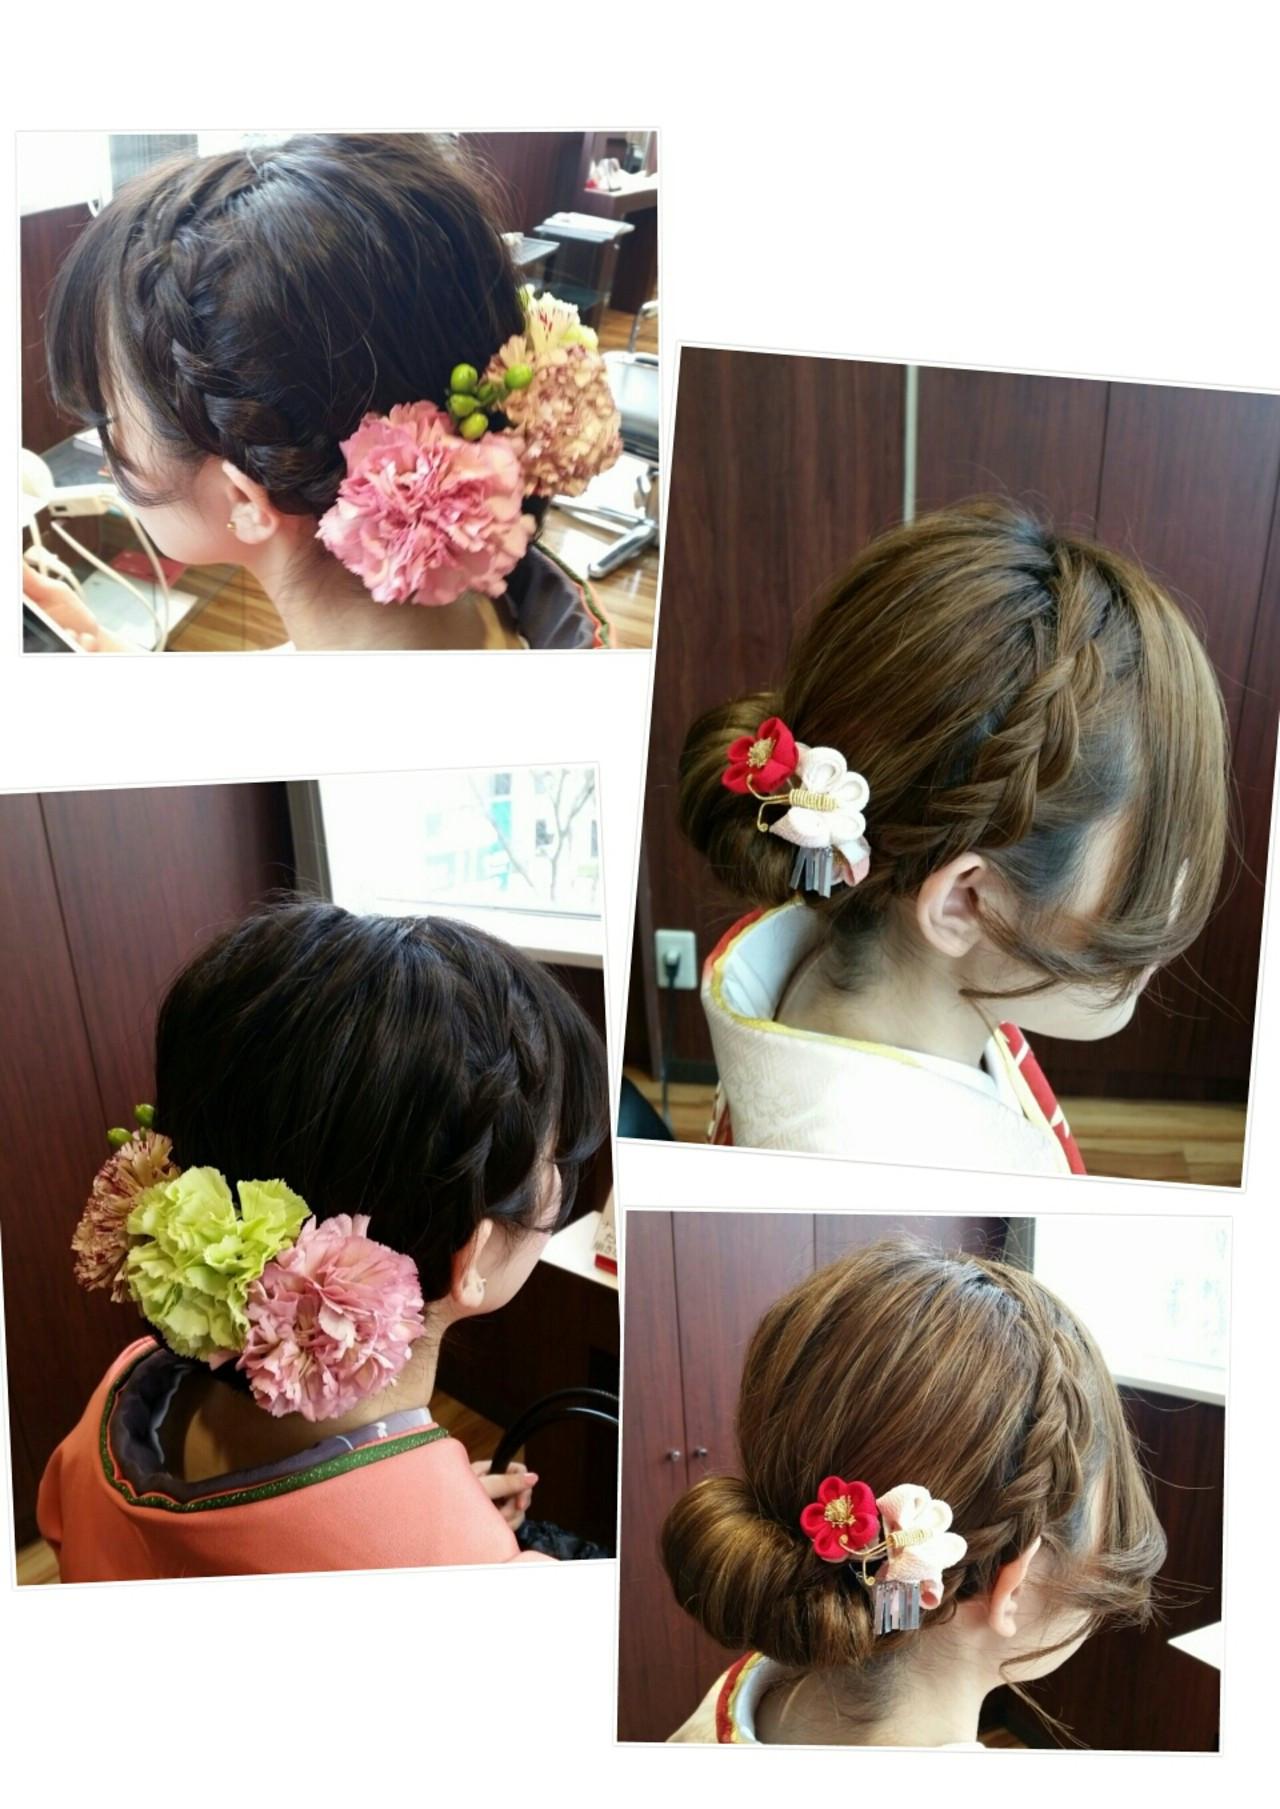 はんなり美しい着物美人に♡華やか艶やか和装にぴったりの髪型 HidefumiNouchi